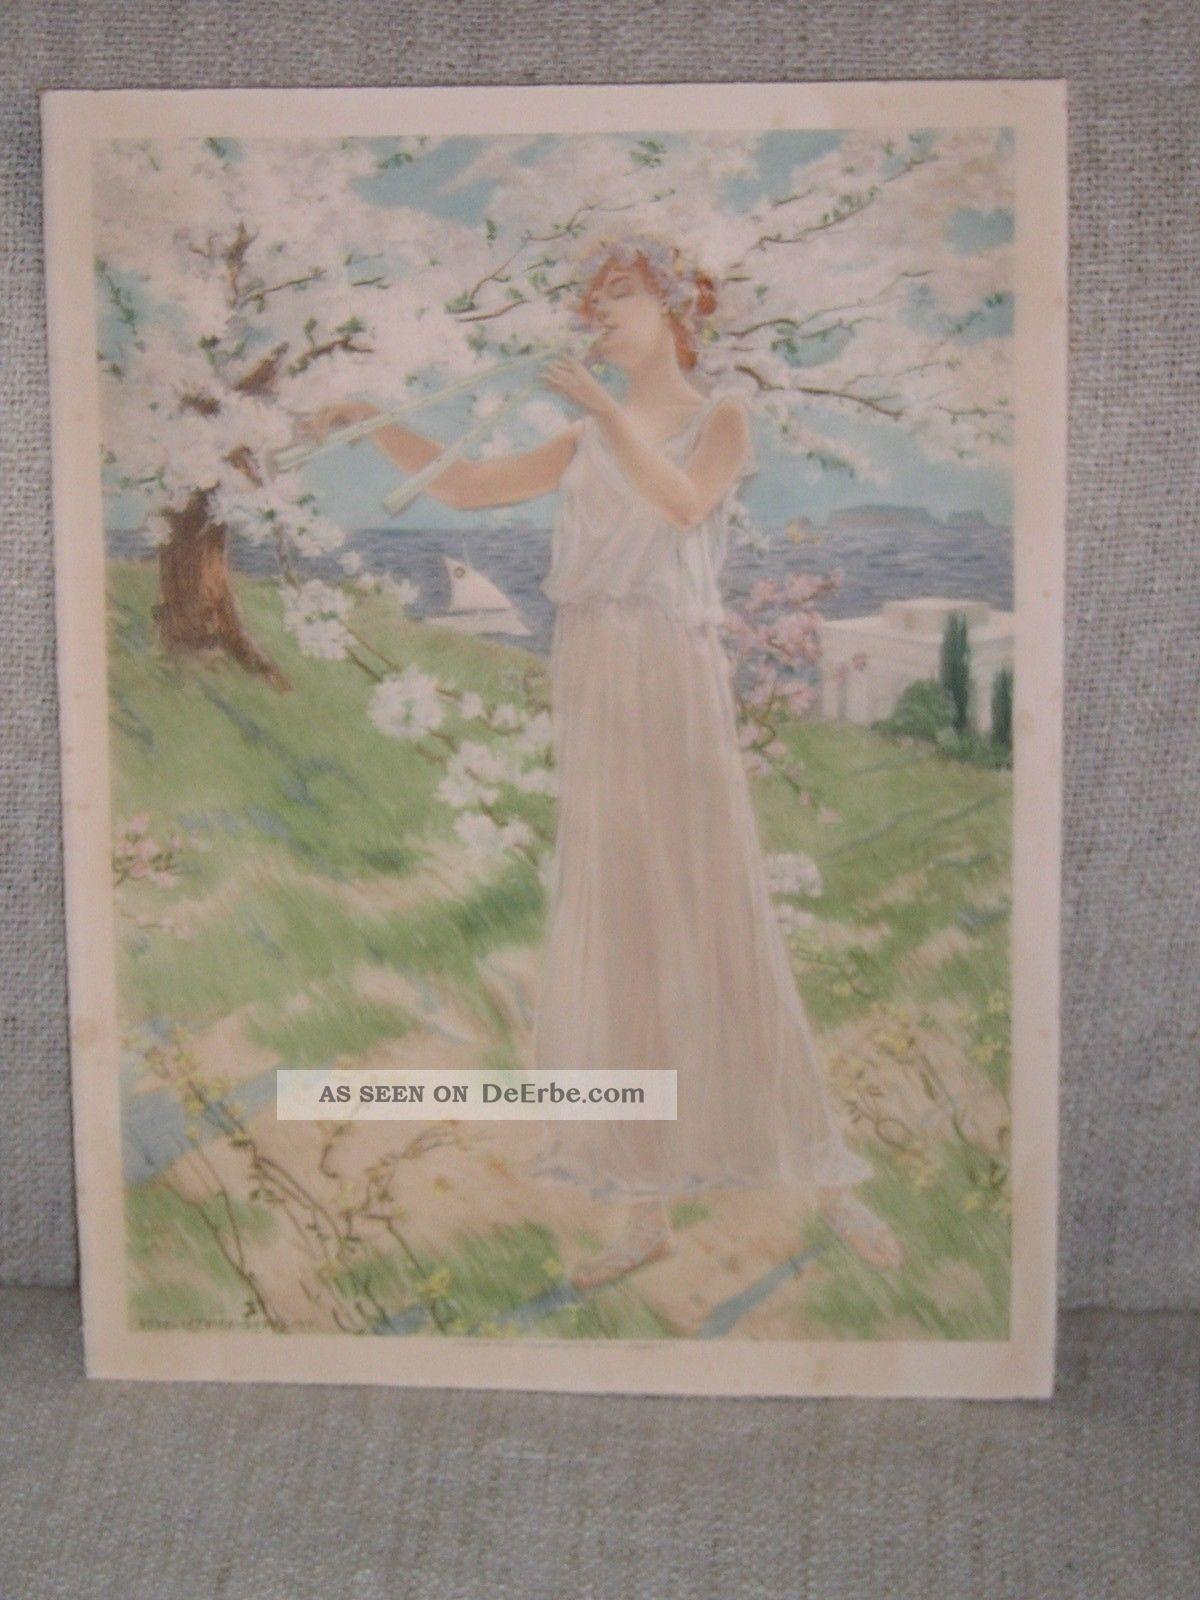 SchÖnes Lithografie Aus 1900 Datiert Manzi Joyant &co 1890-1919, Jugendstil Bild